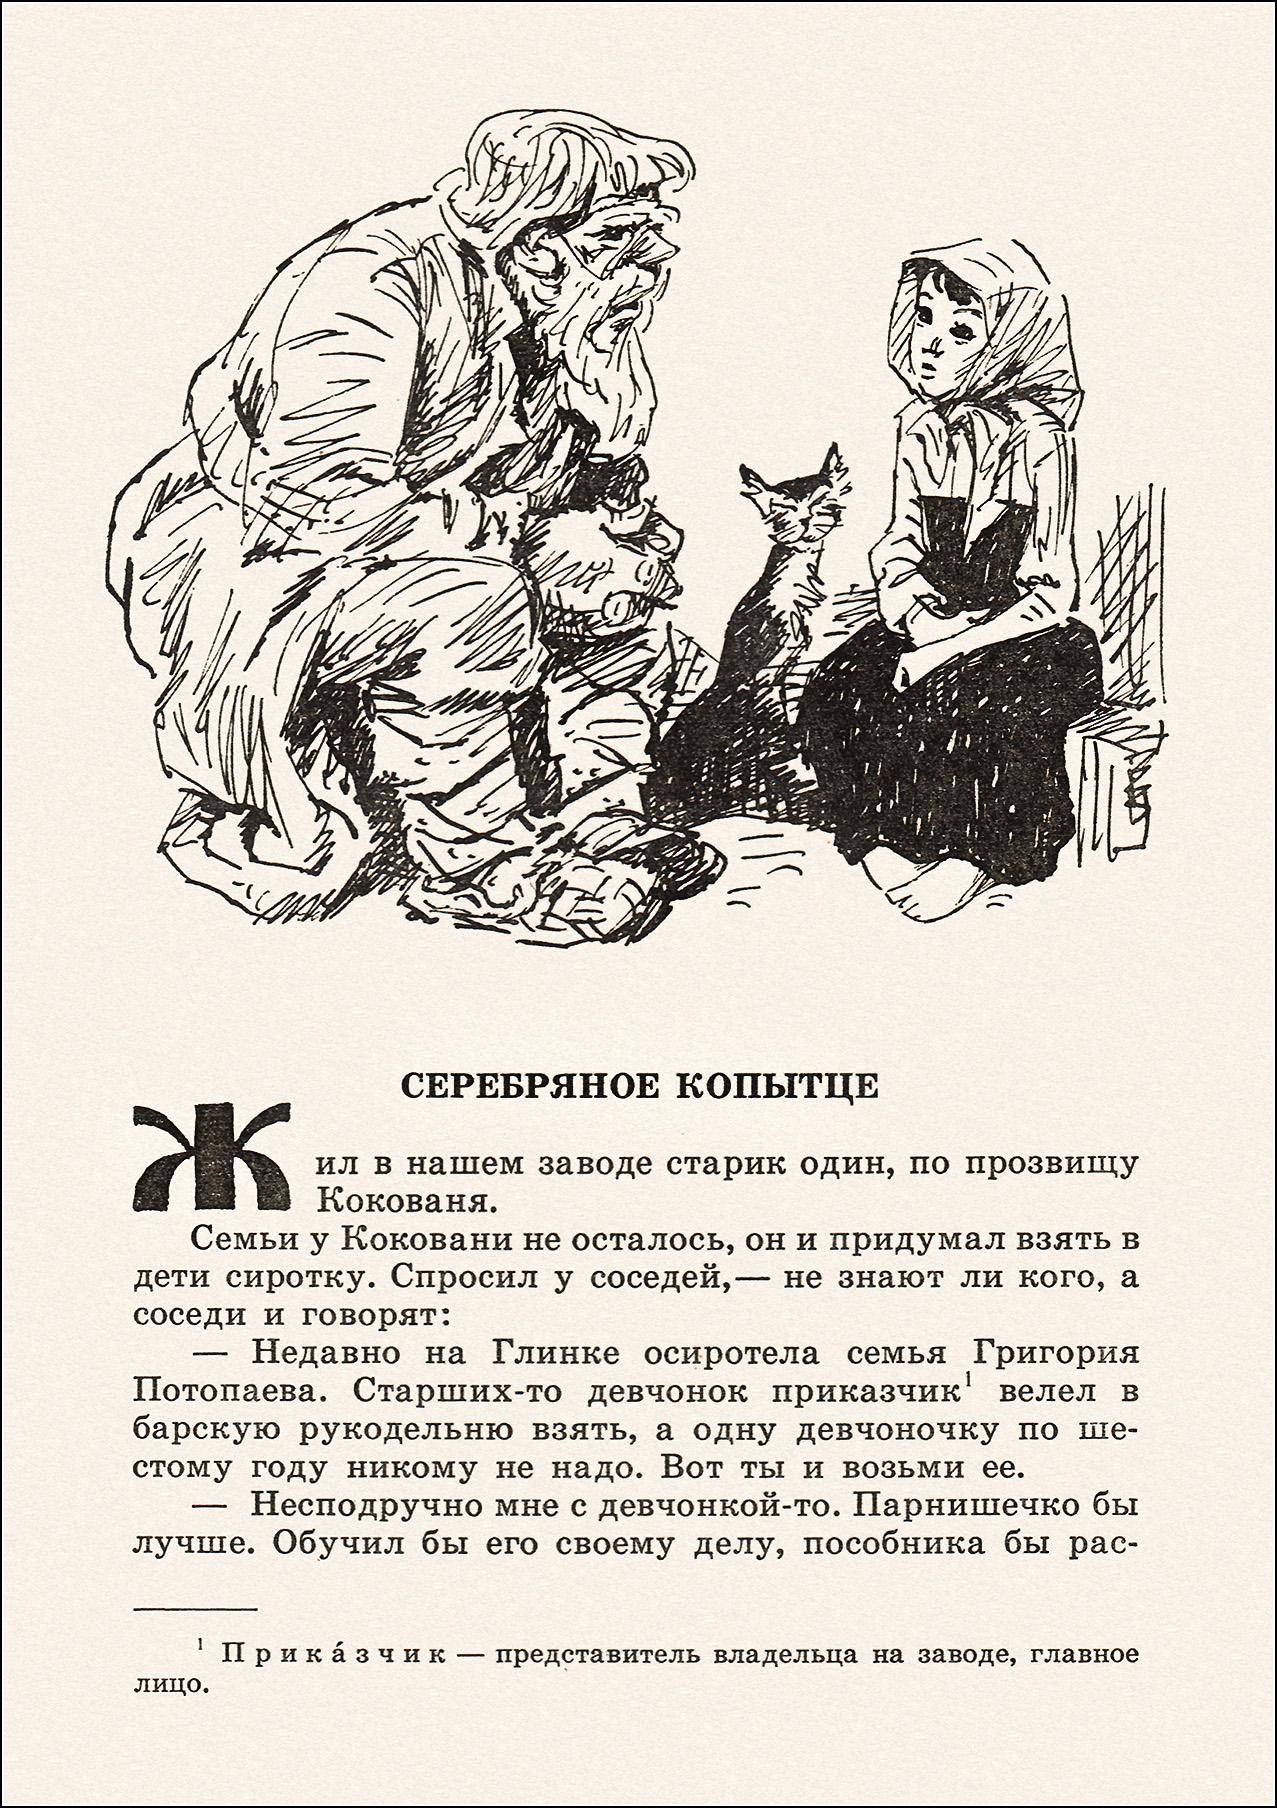 О. Коровин, Хрупкая веточка